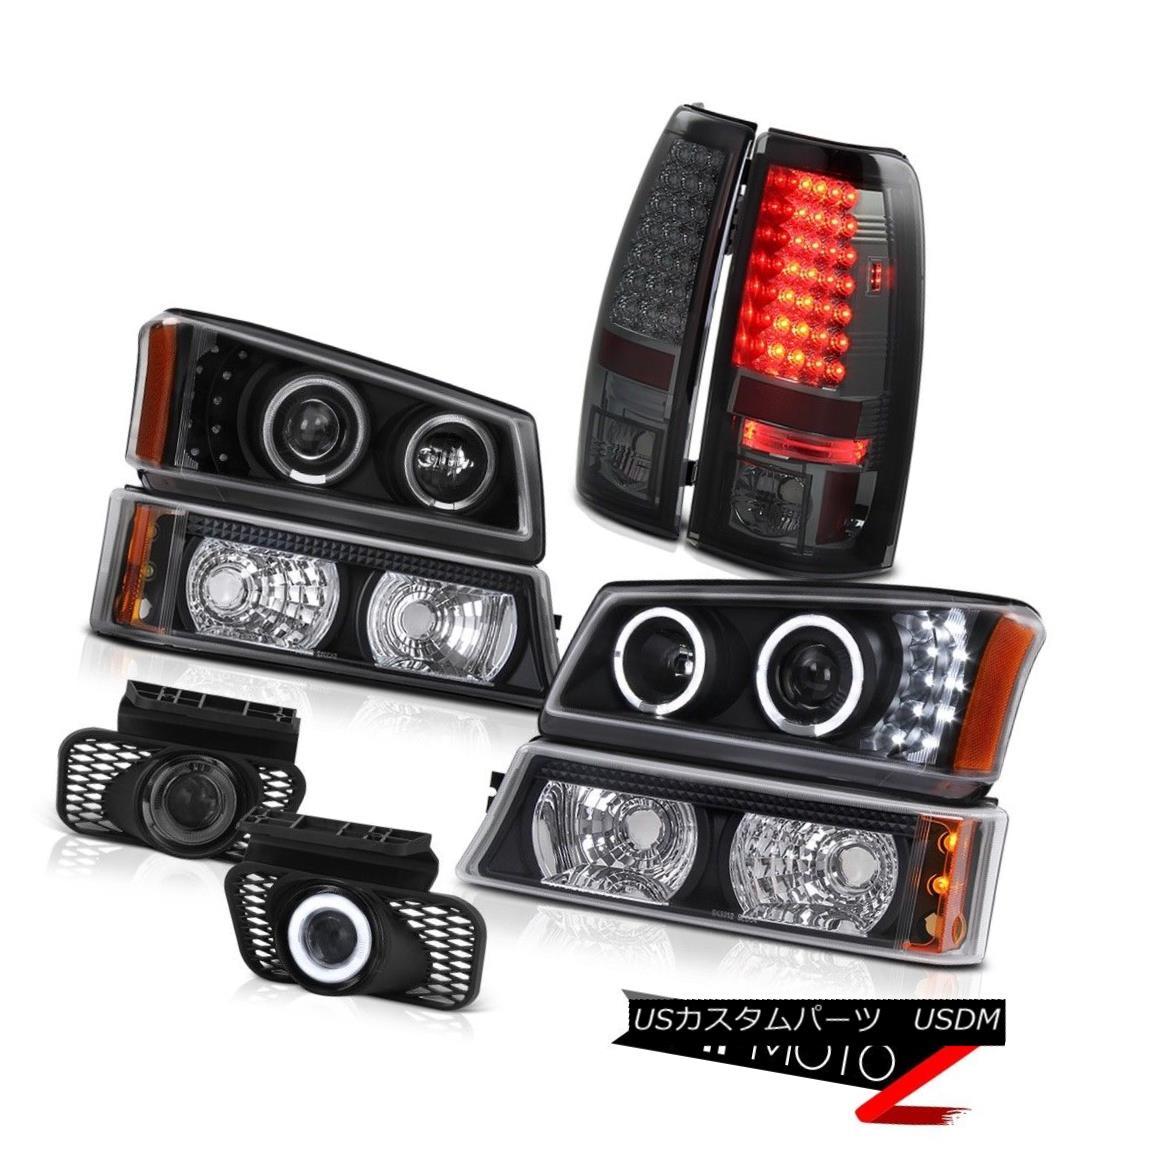 テールライト Black Angel Eye Headlights Parking Signal Bumper Smoke LED Tail Lamp DRL Foglamp ブラックエンジェルアイヘッドライトパーキング信号バンパースモークLEDテールランプDRLフォグランプ